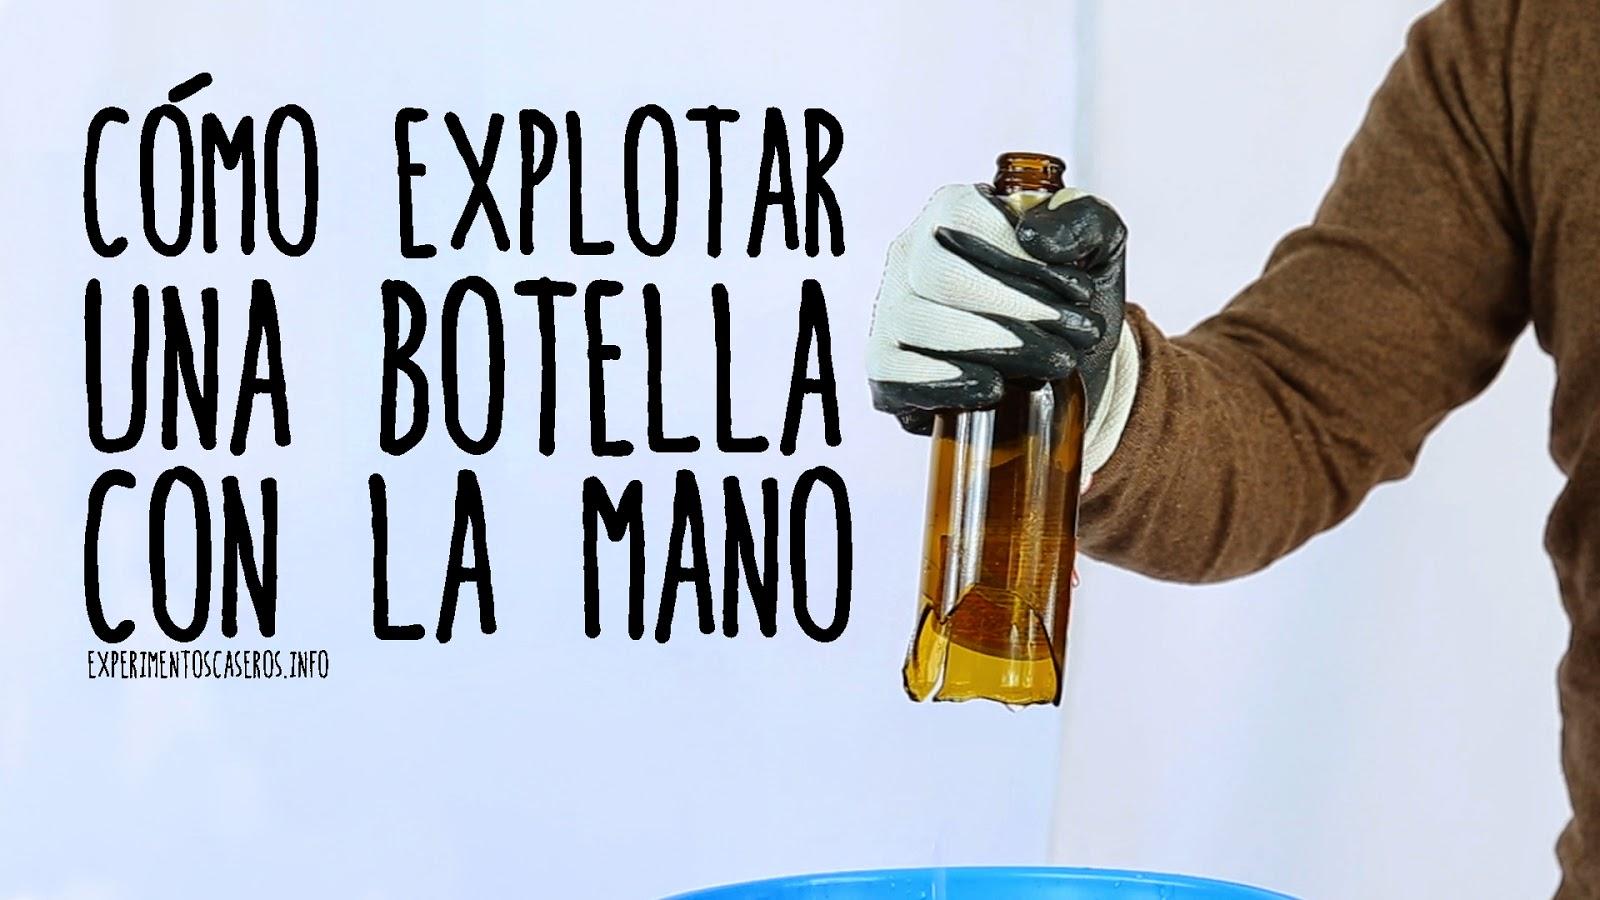 Cómo explotar una botella con la mano, cavitación, experimentos caseros, experimento casero, experimentos sencillos,experimentos, experimento, experimentos para niños, feria de ciencias, ciencia, ciencia, que es ciencia